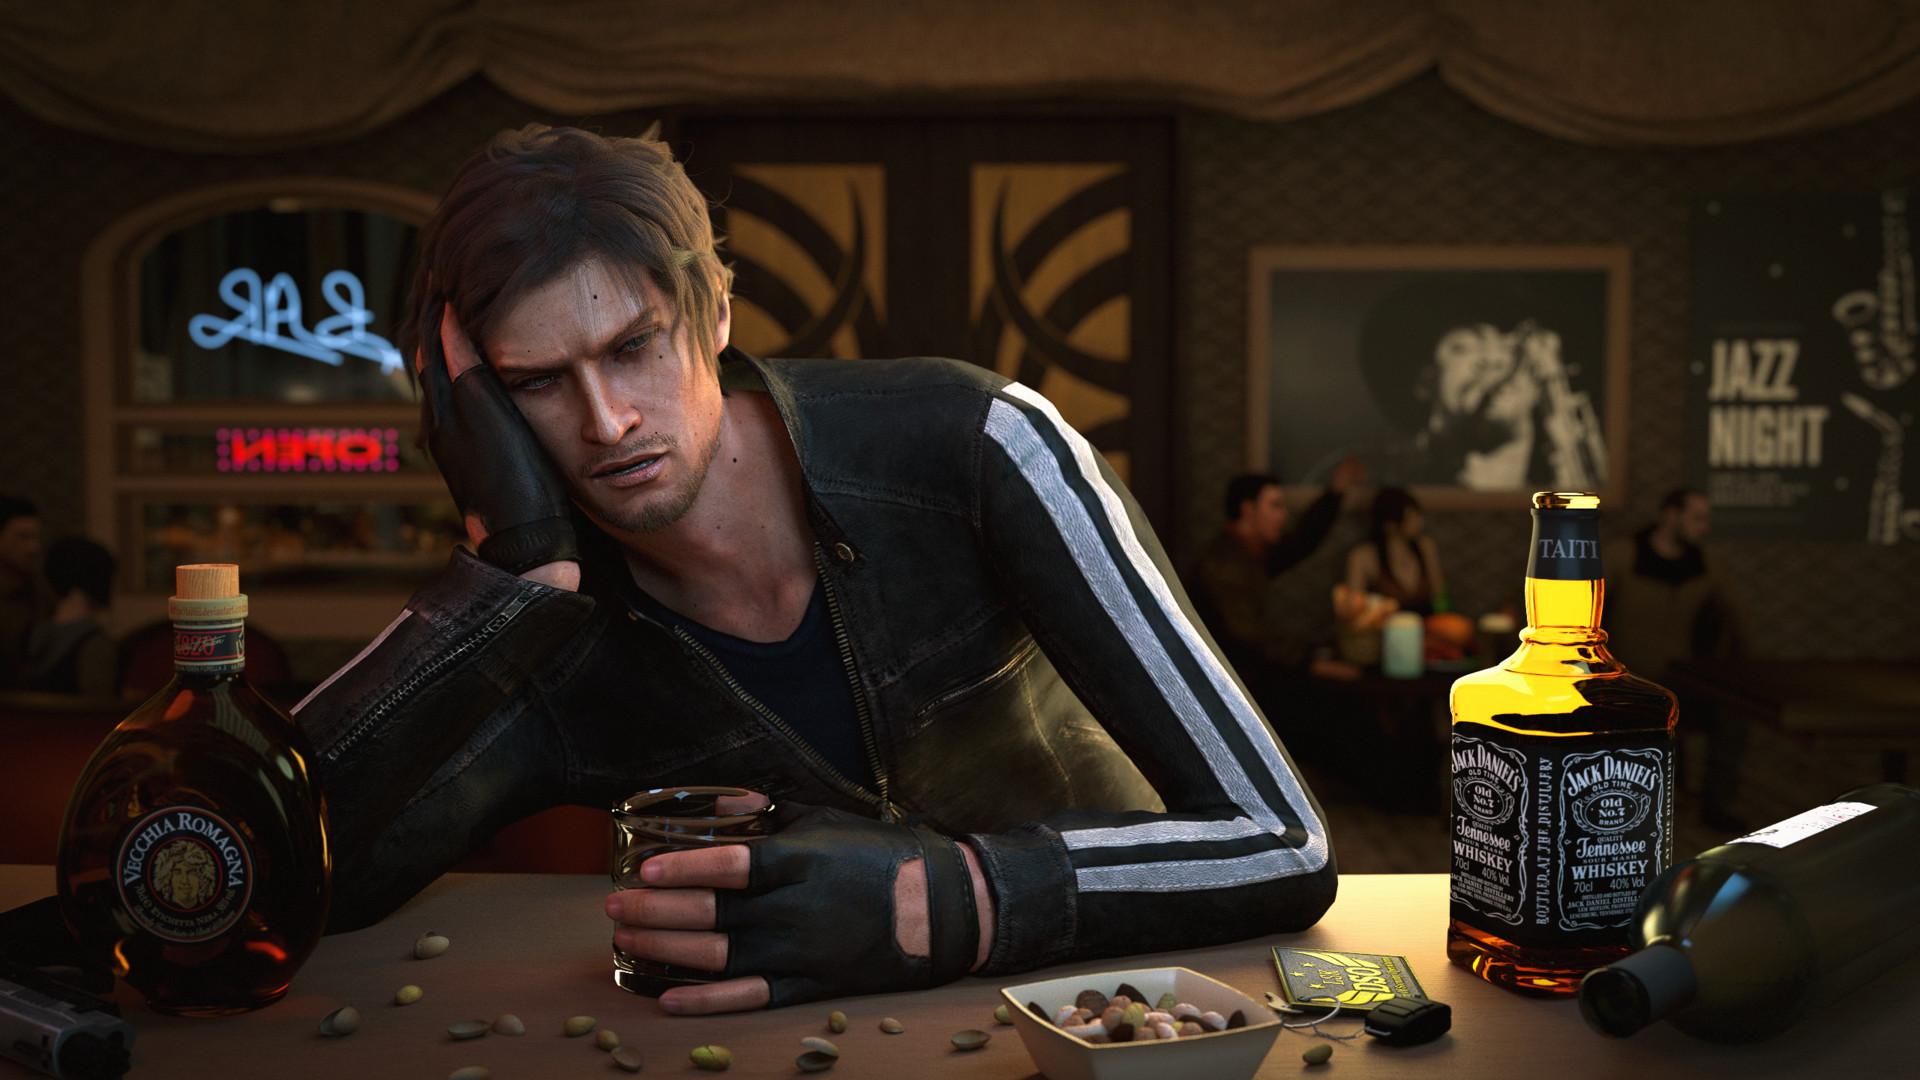 - Drinking Artstation Heavy - Artstation